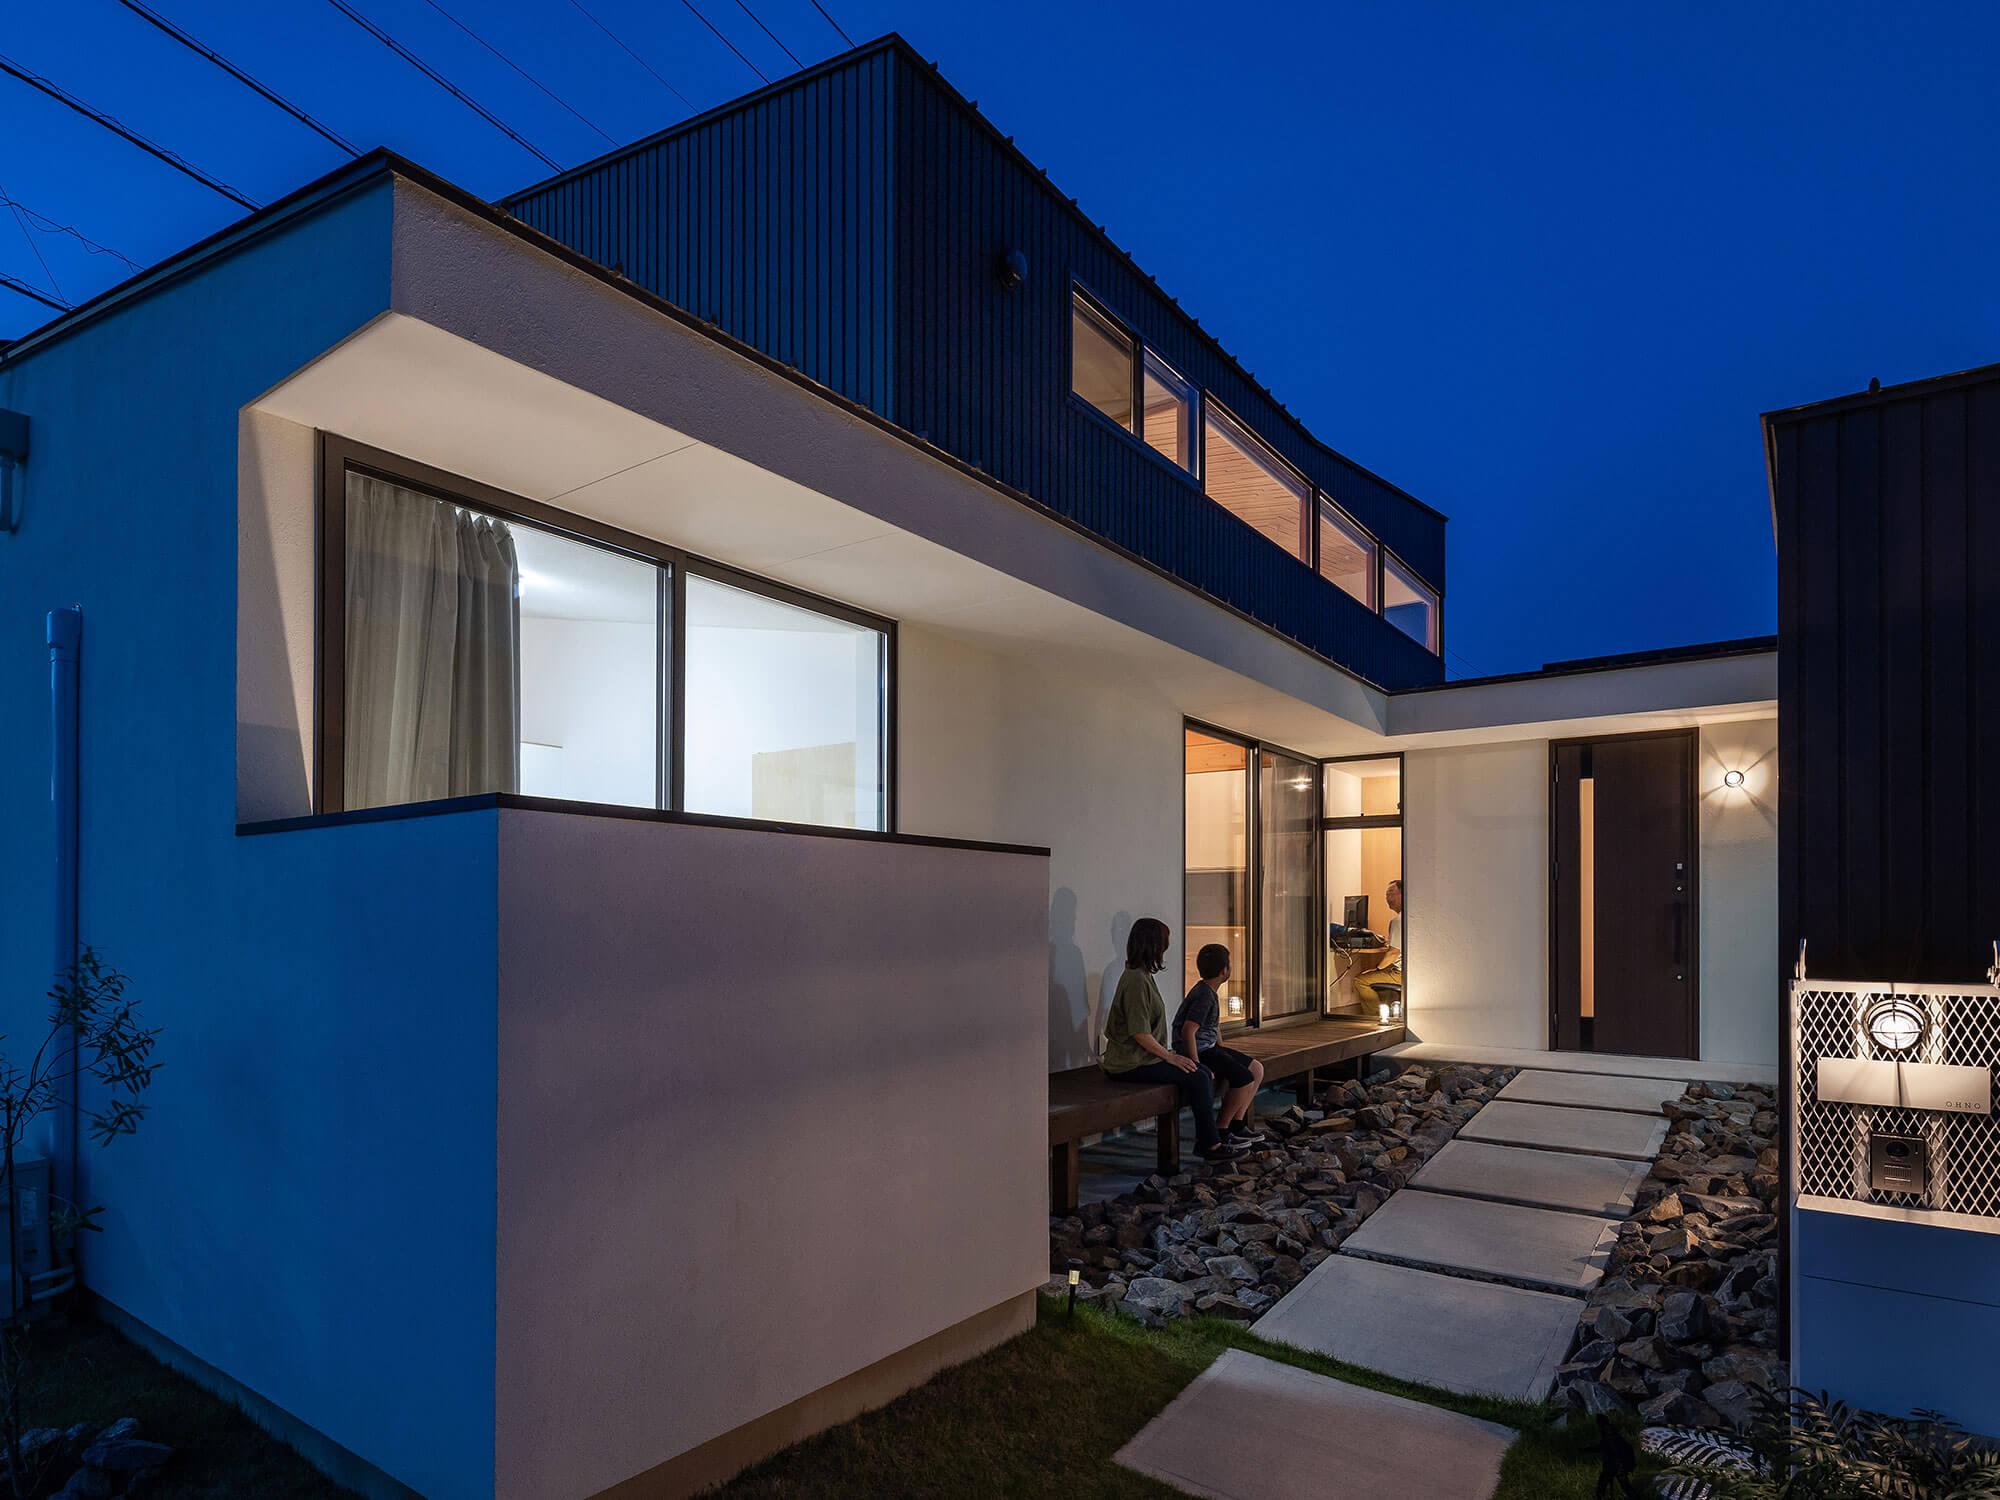 軒と縁側がつなぐ家07|犬山市の施工事例|建築家×工務店